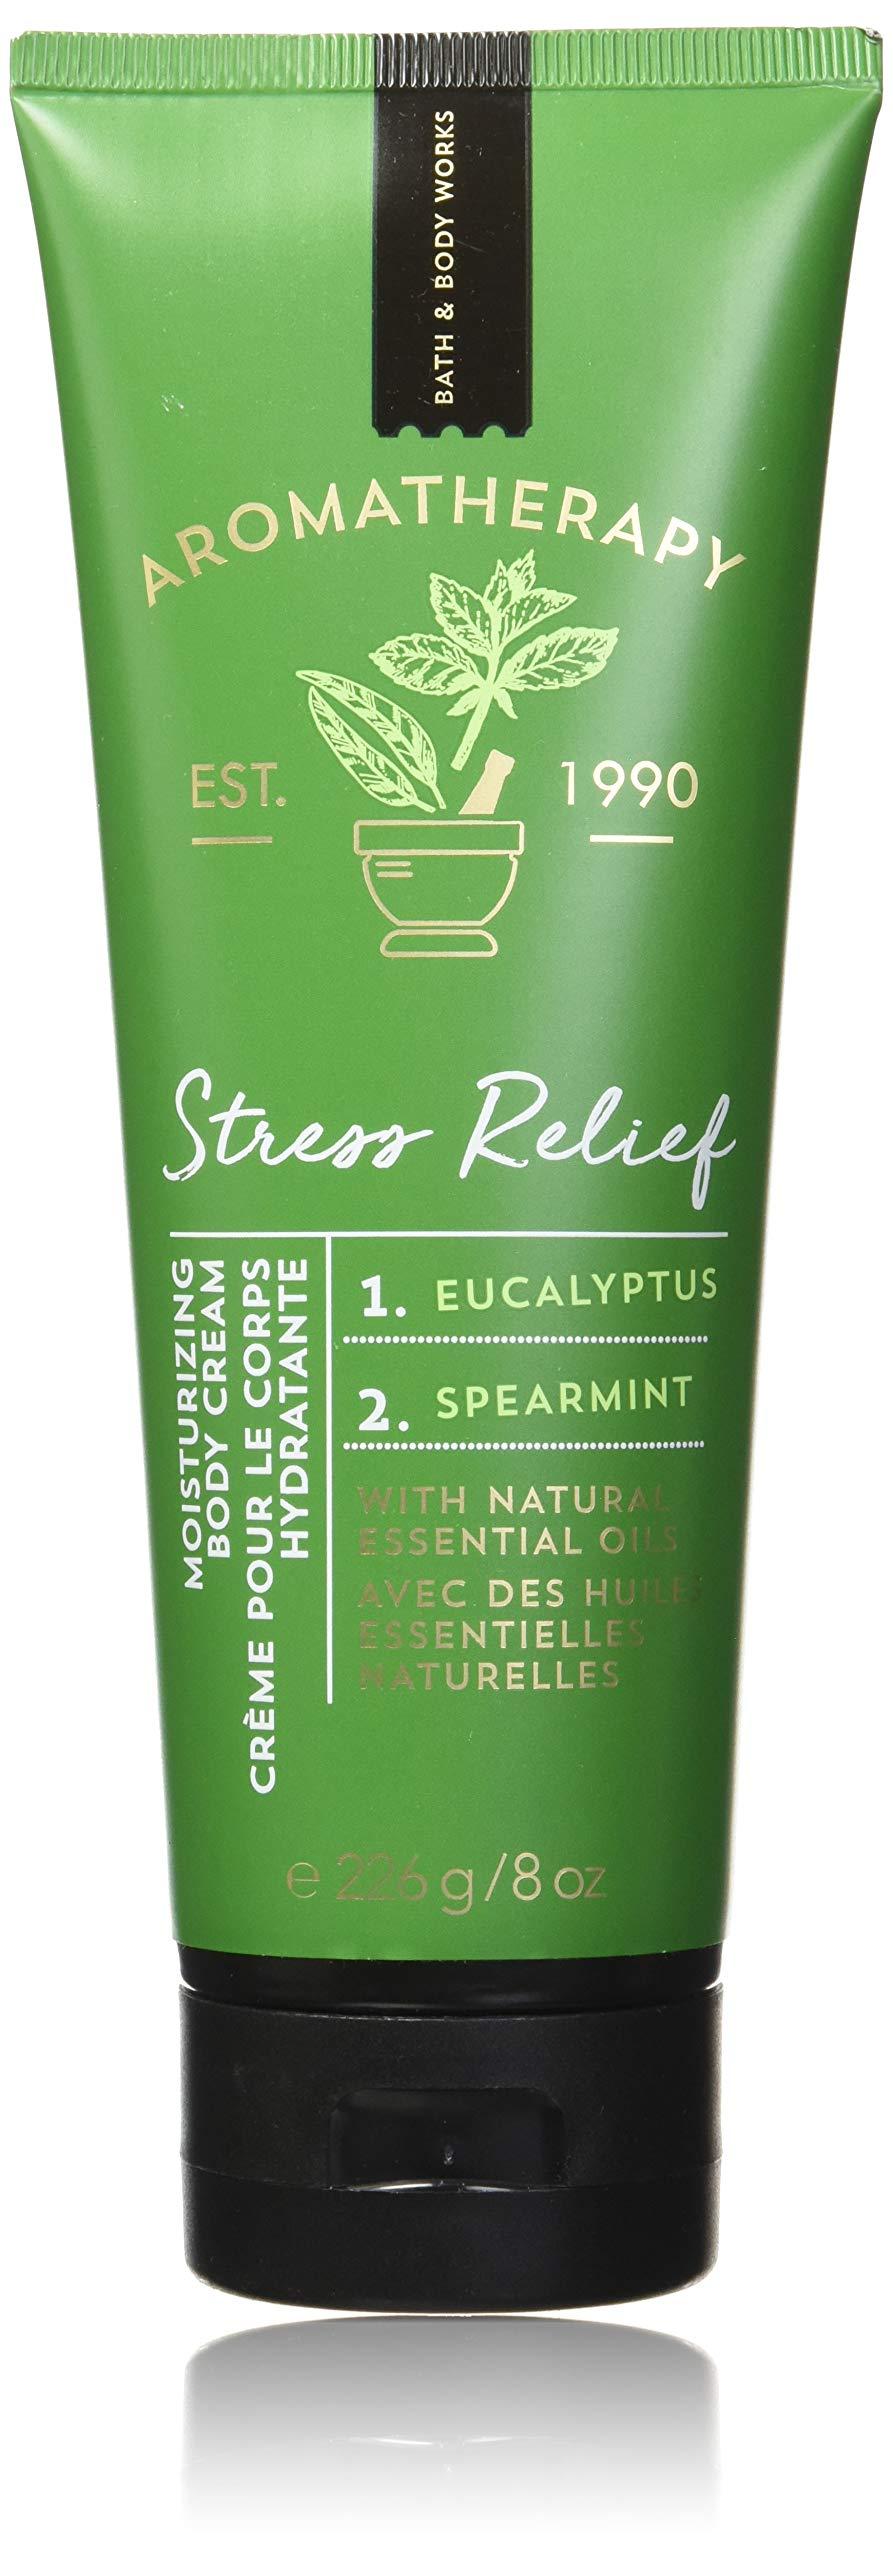 Bath and Body Works Aromatherapy Stress Relief Eucalyptus & Spearmint Body Cream. 8 Oz. by Bath & Body Works